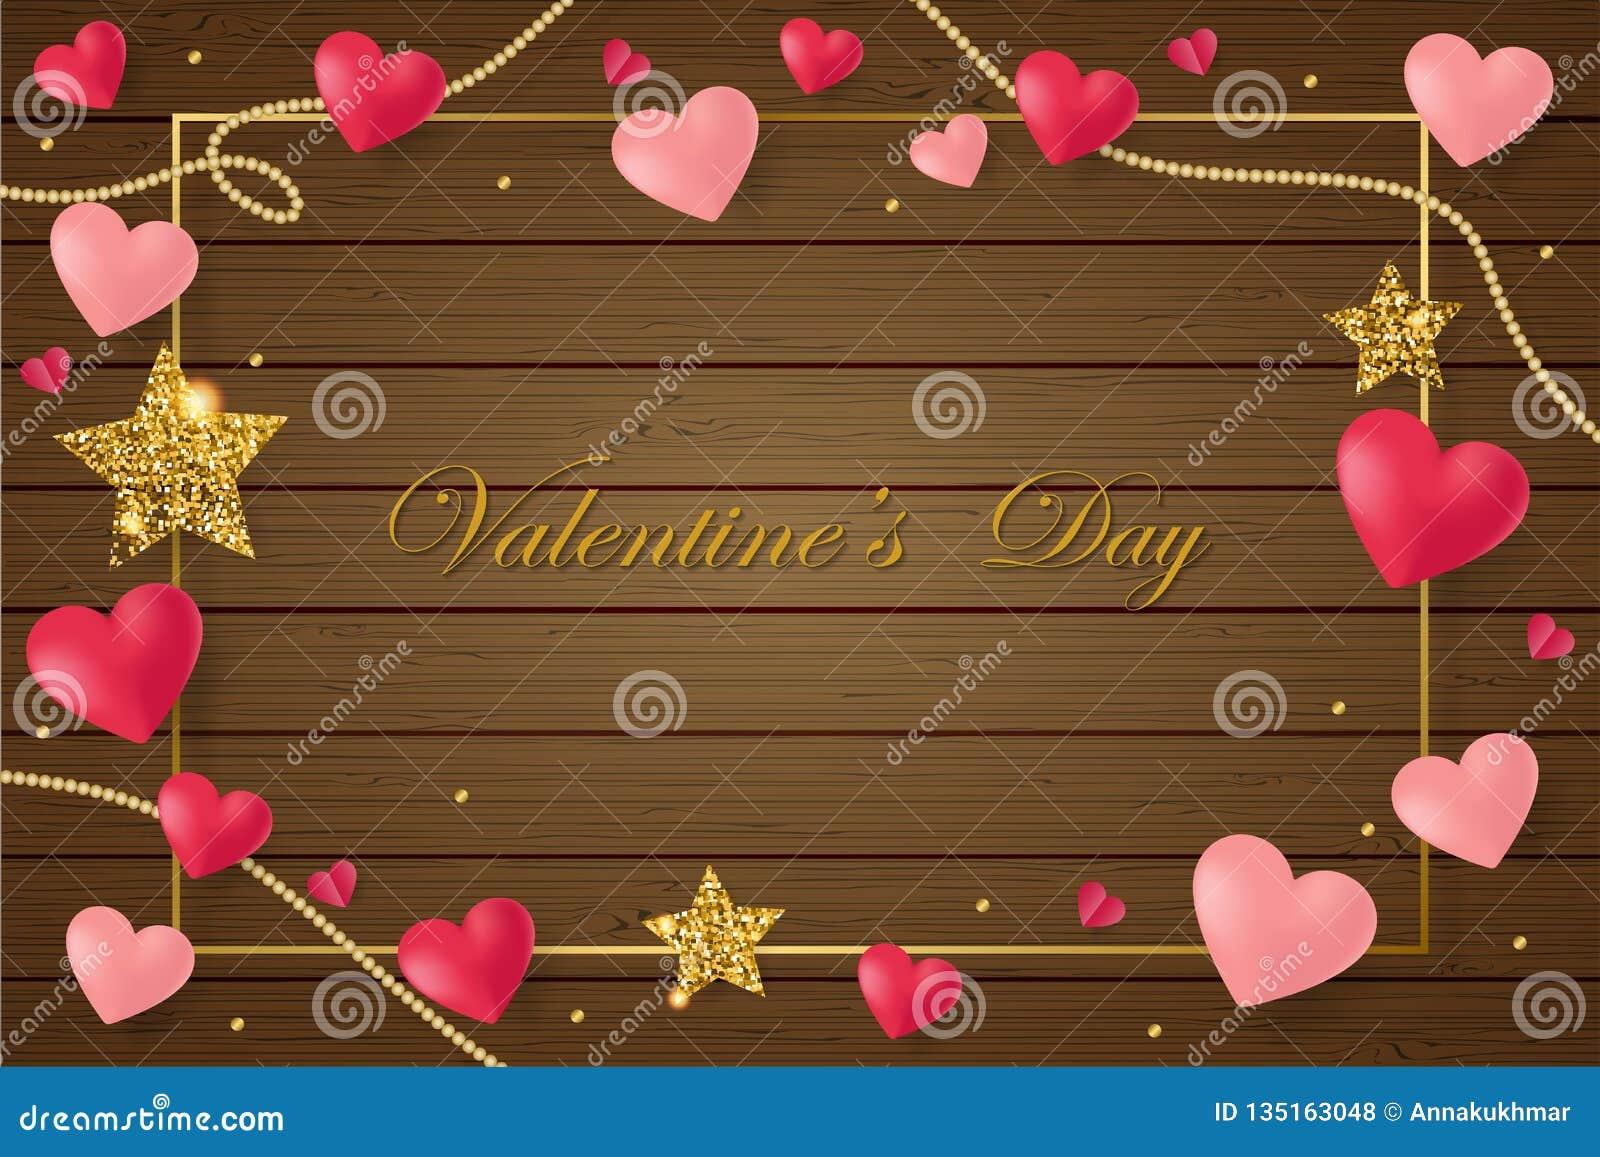 Κάρτα ημέρας του ευτυχούς βαλεντίνου Αγίου με τις ρόδινες καρδιές στο καφετί ξύλινο υπόβαθρο